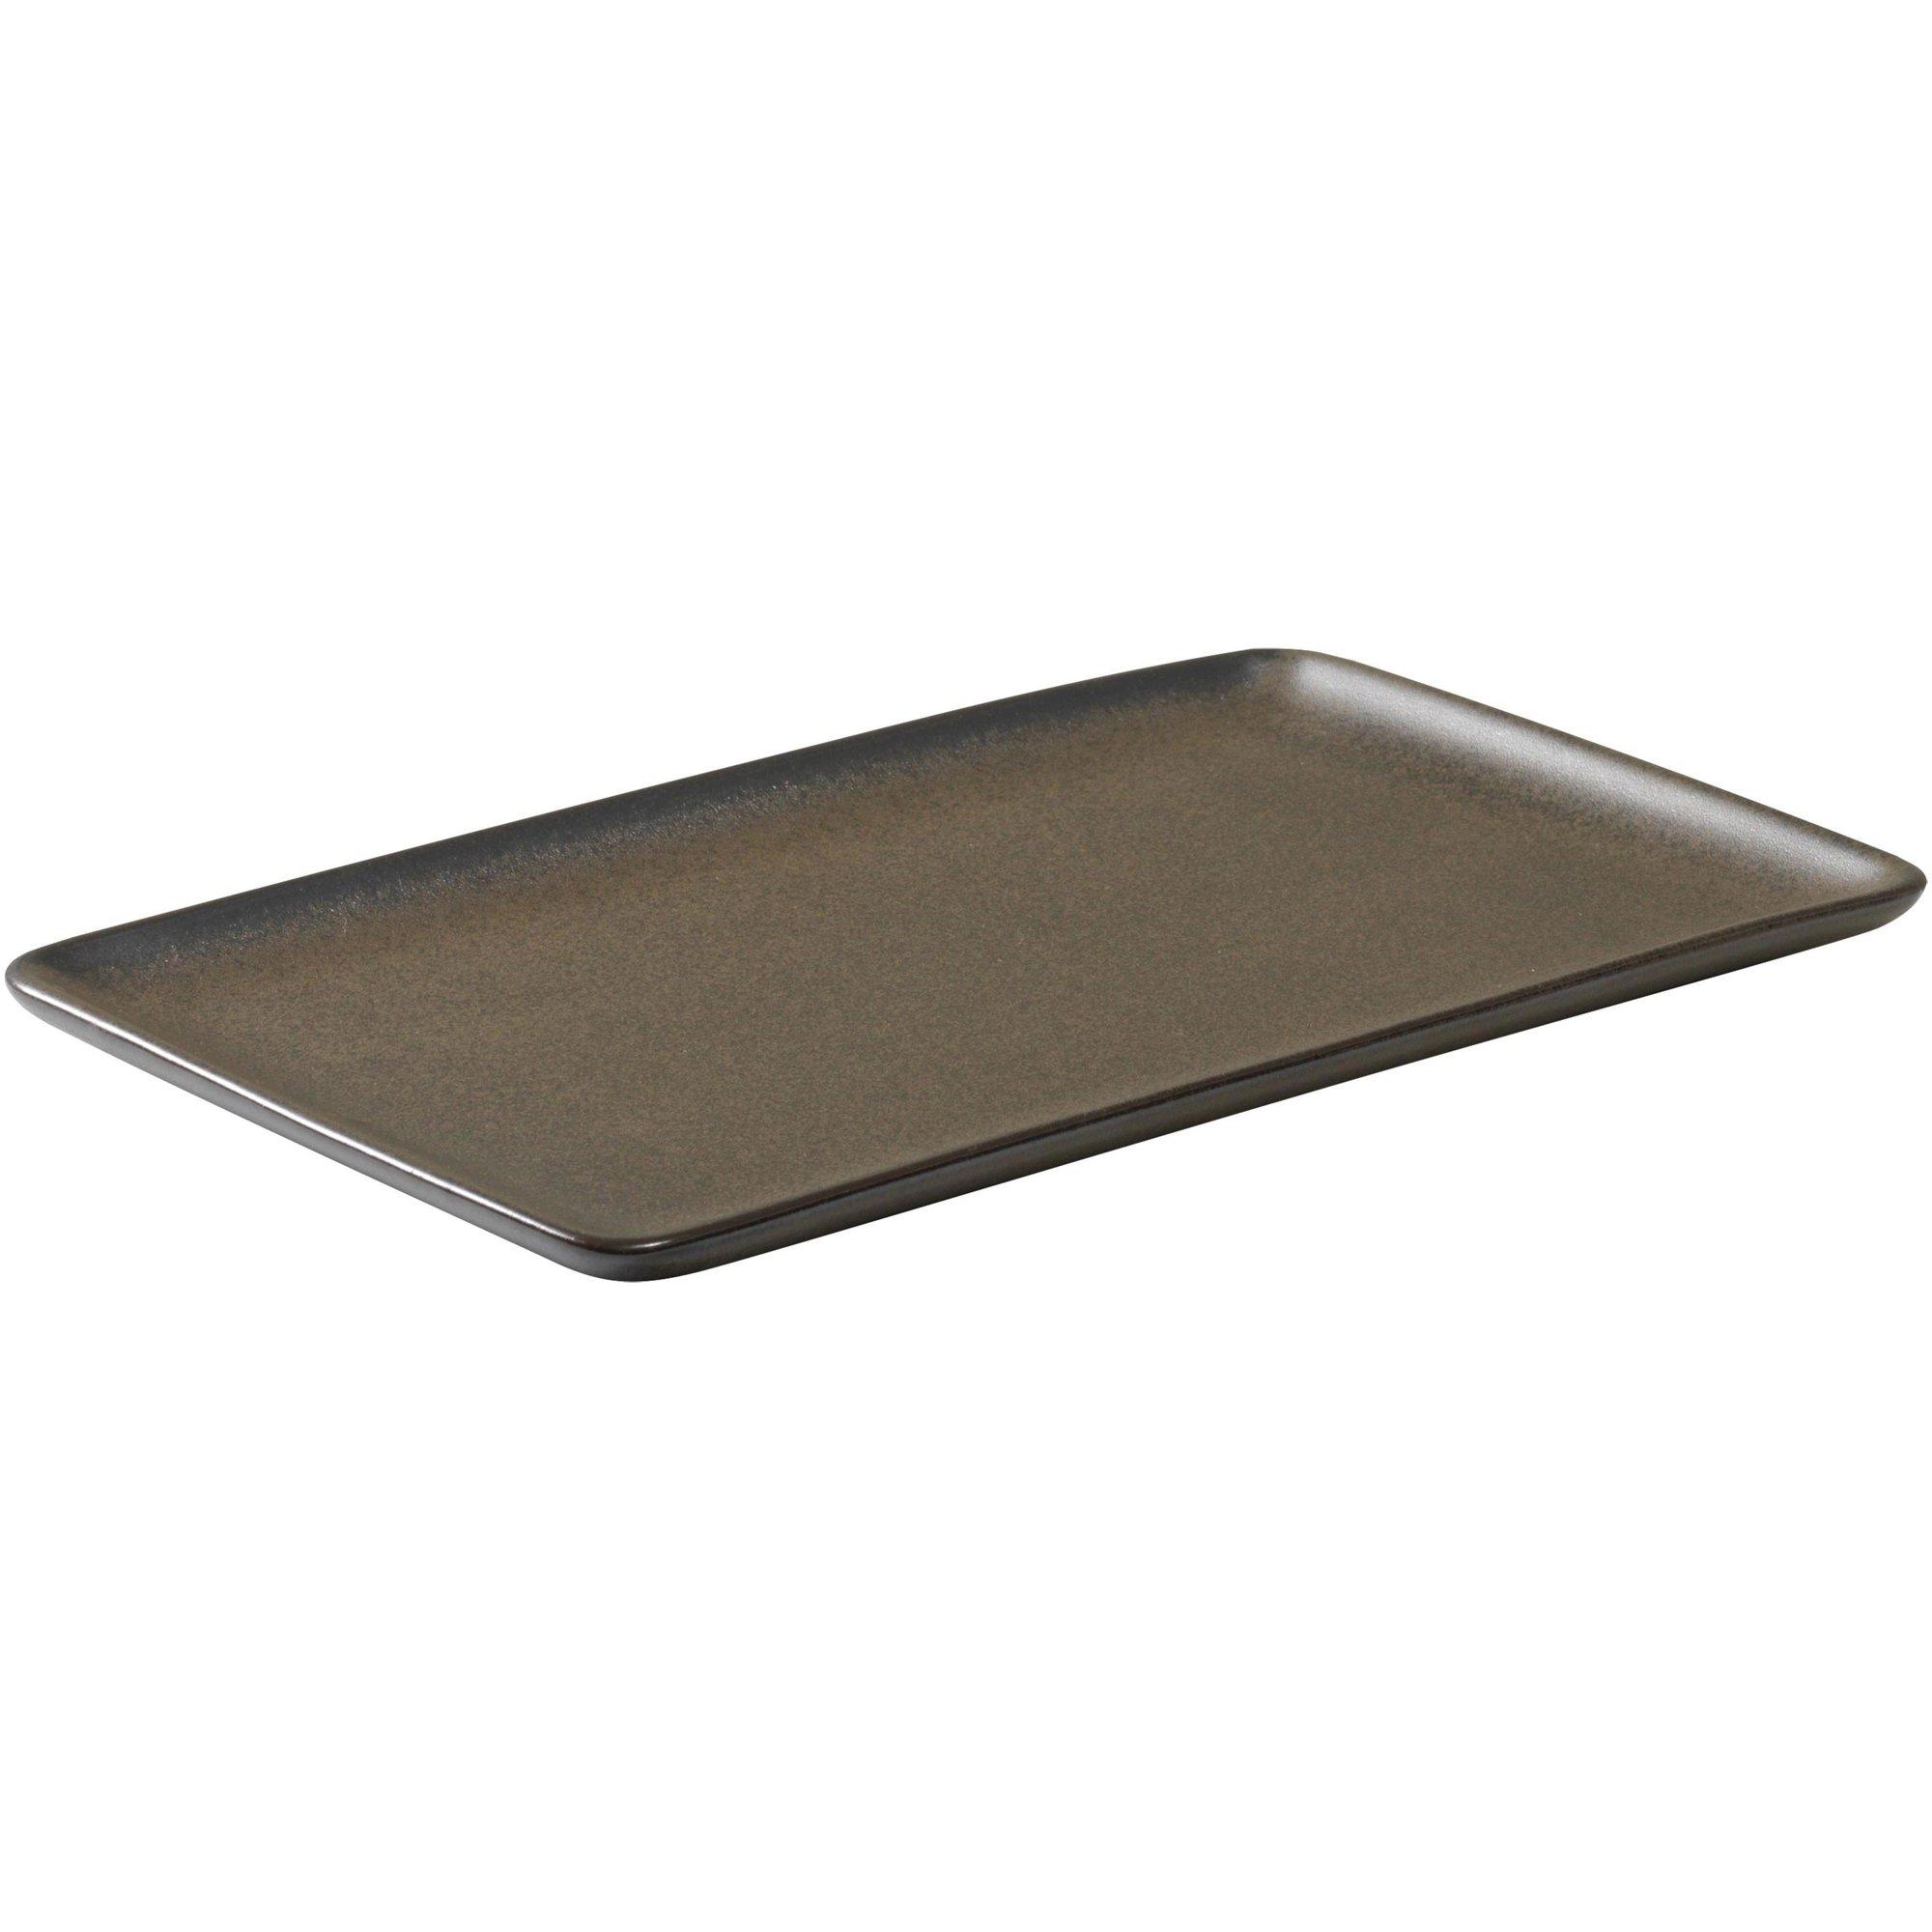 Aida RAW rektangulär tallrik metallisk brun 235 cm.